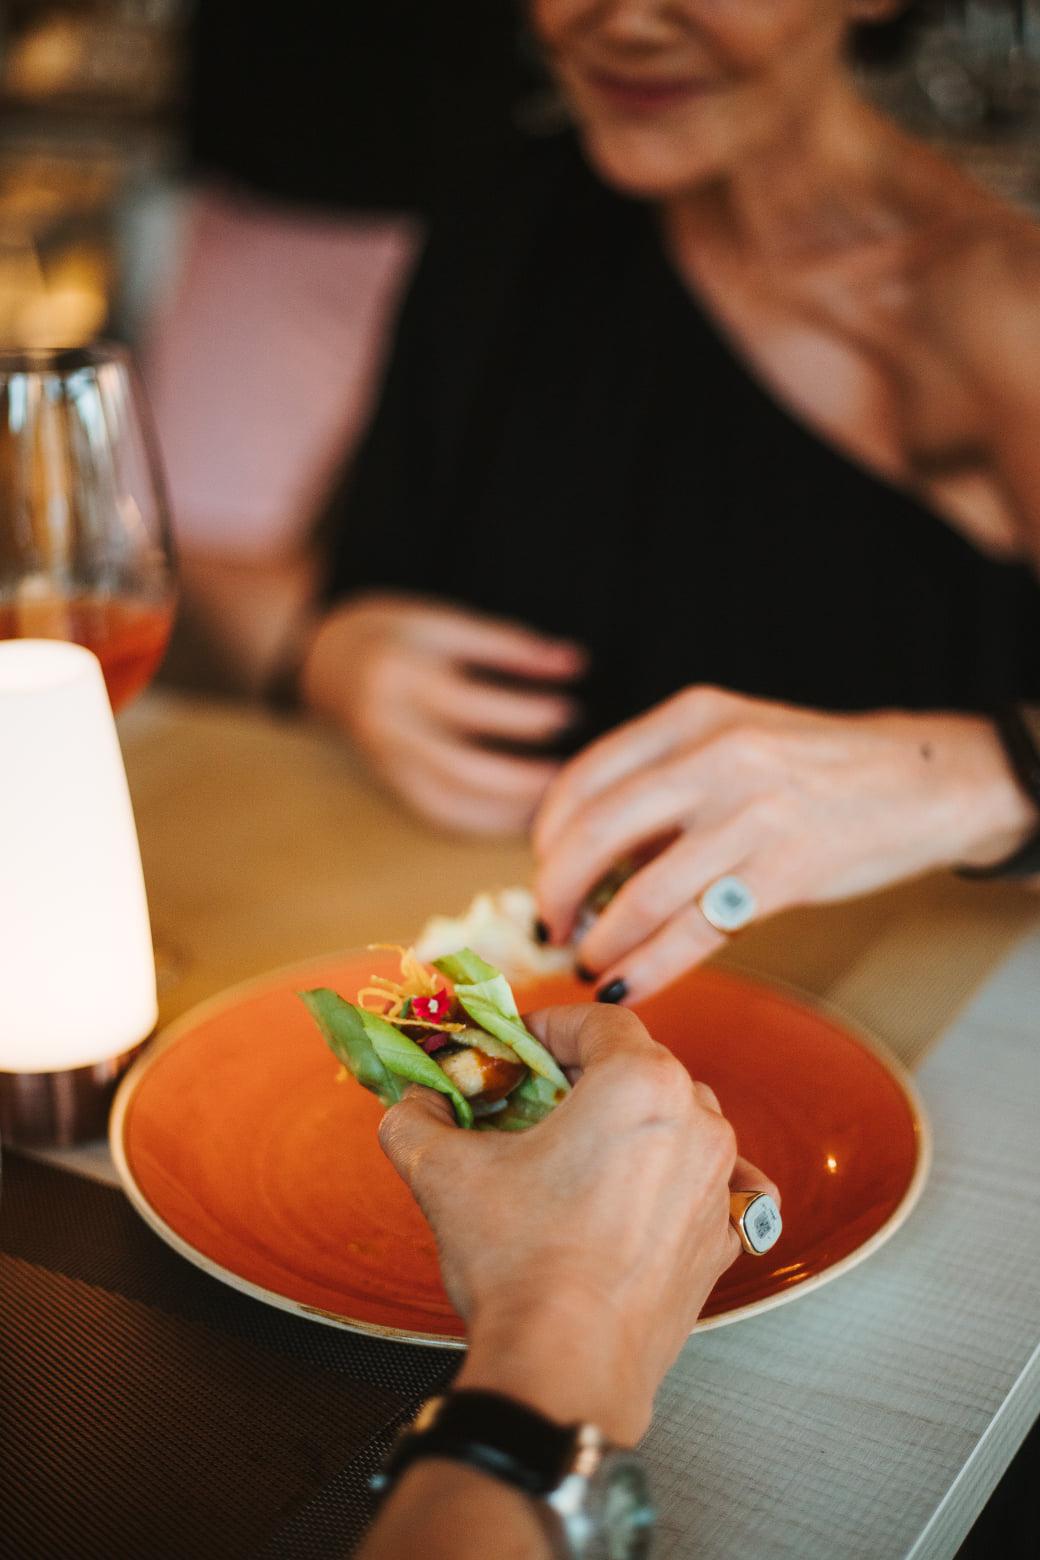 La noche de cocina Nikkei en el restaurante La Violeta, un evento culinario de primer nivel 13